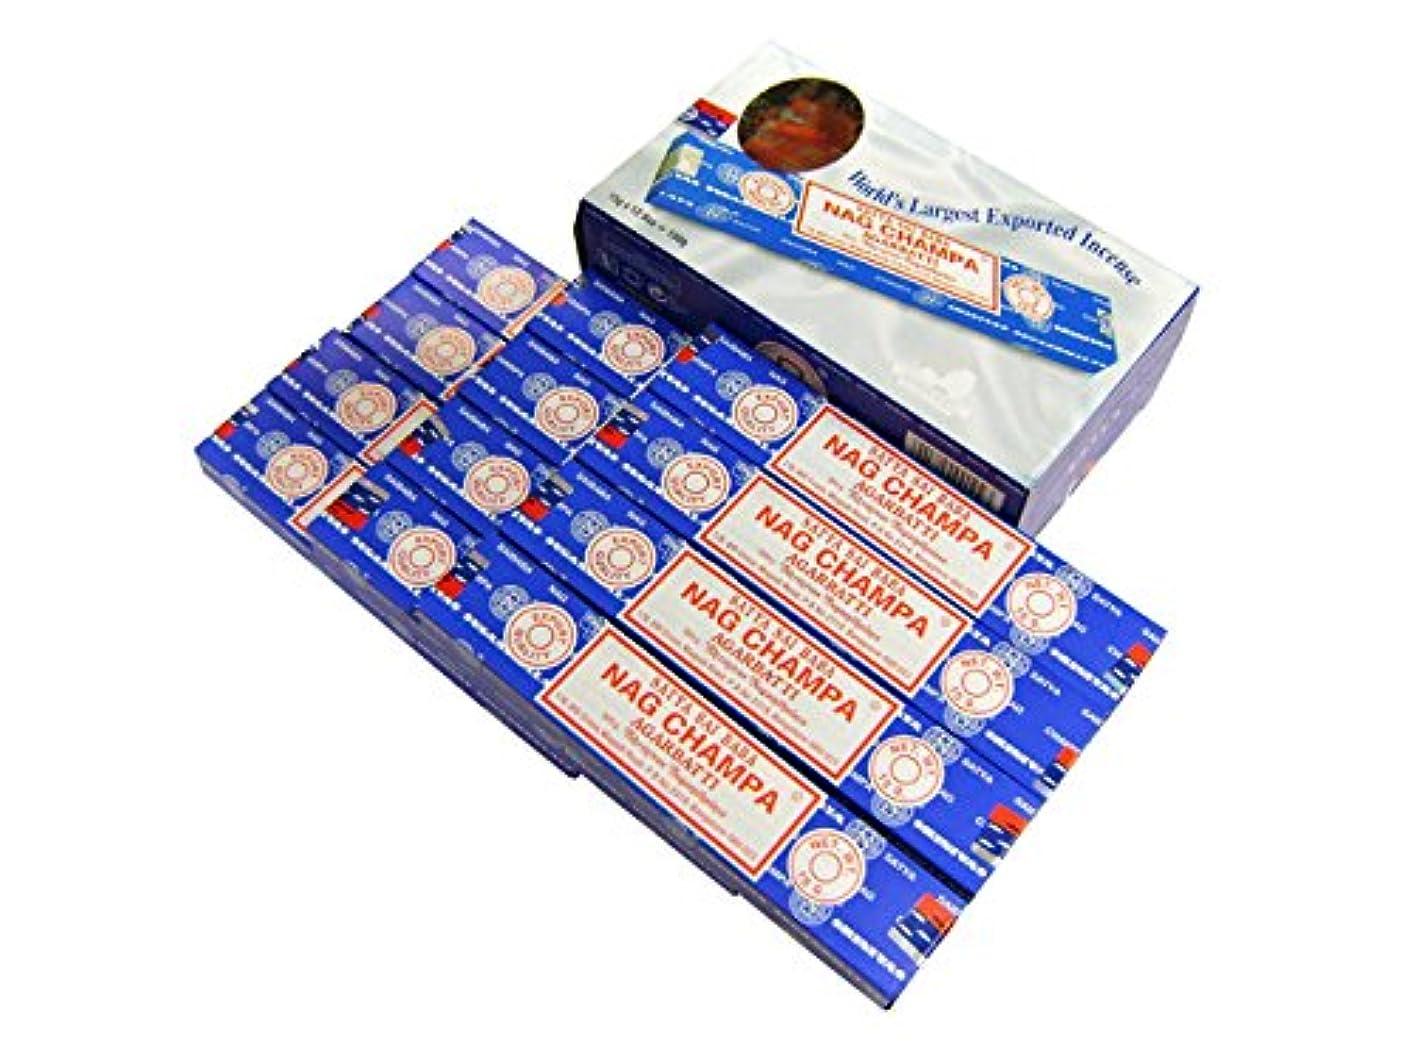 ますますバラエティメロディアスSATYA(サチャ) サイババ ナグチャンパ香 スティックSAI BABA NAG CHAMPA 12箱セット